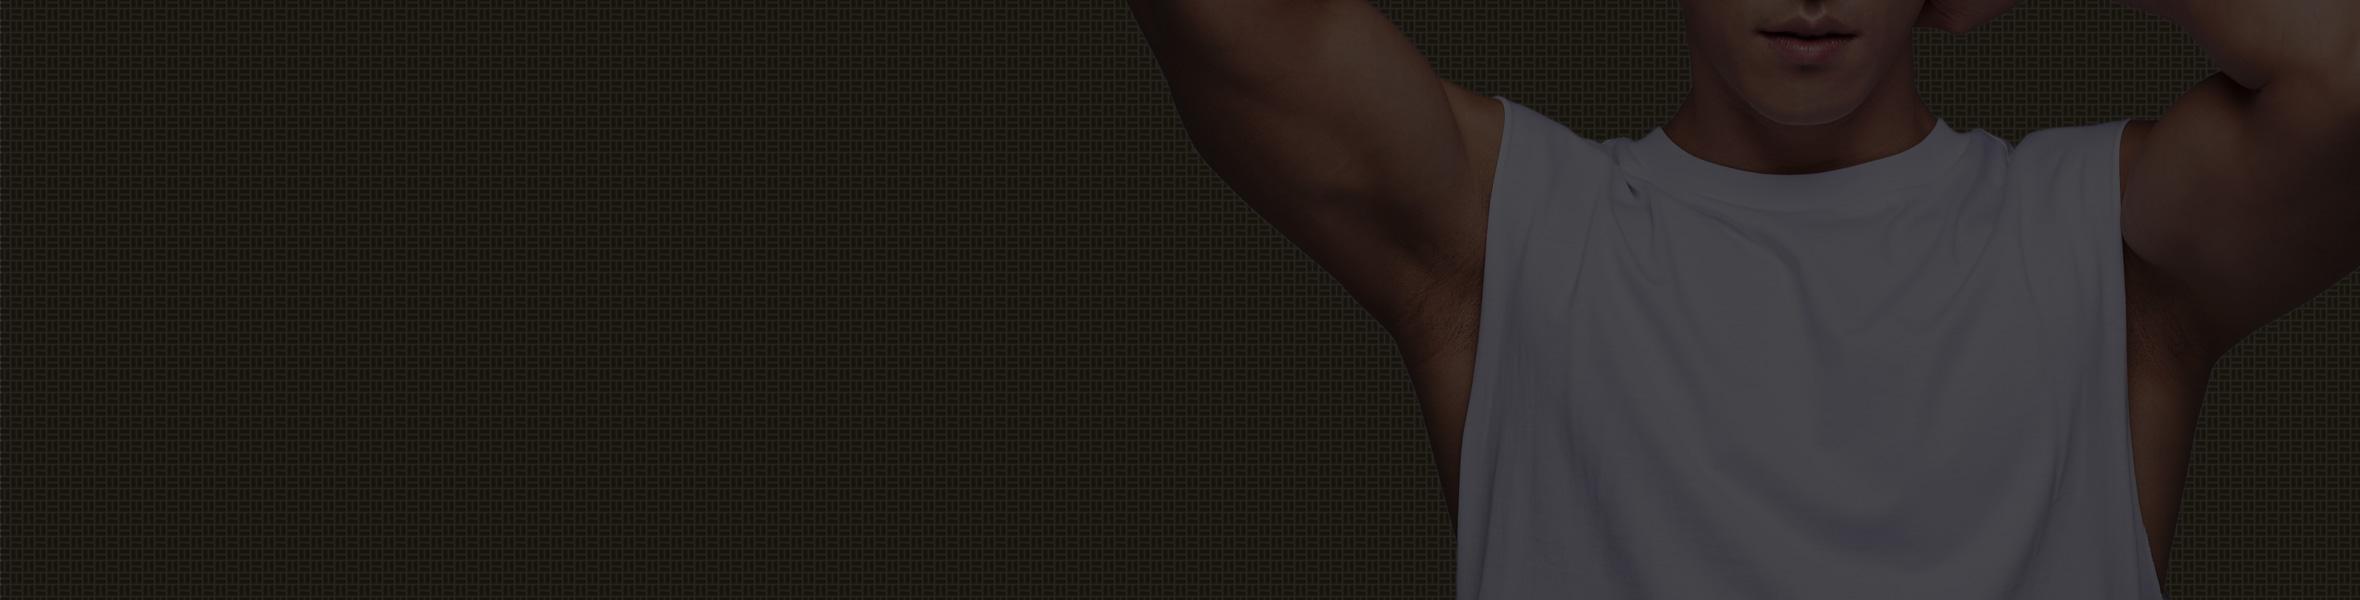 シワ、小顔、多汗症、肩こりボトックスメイン画像